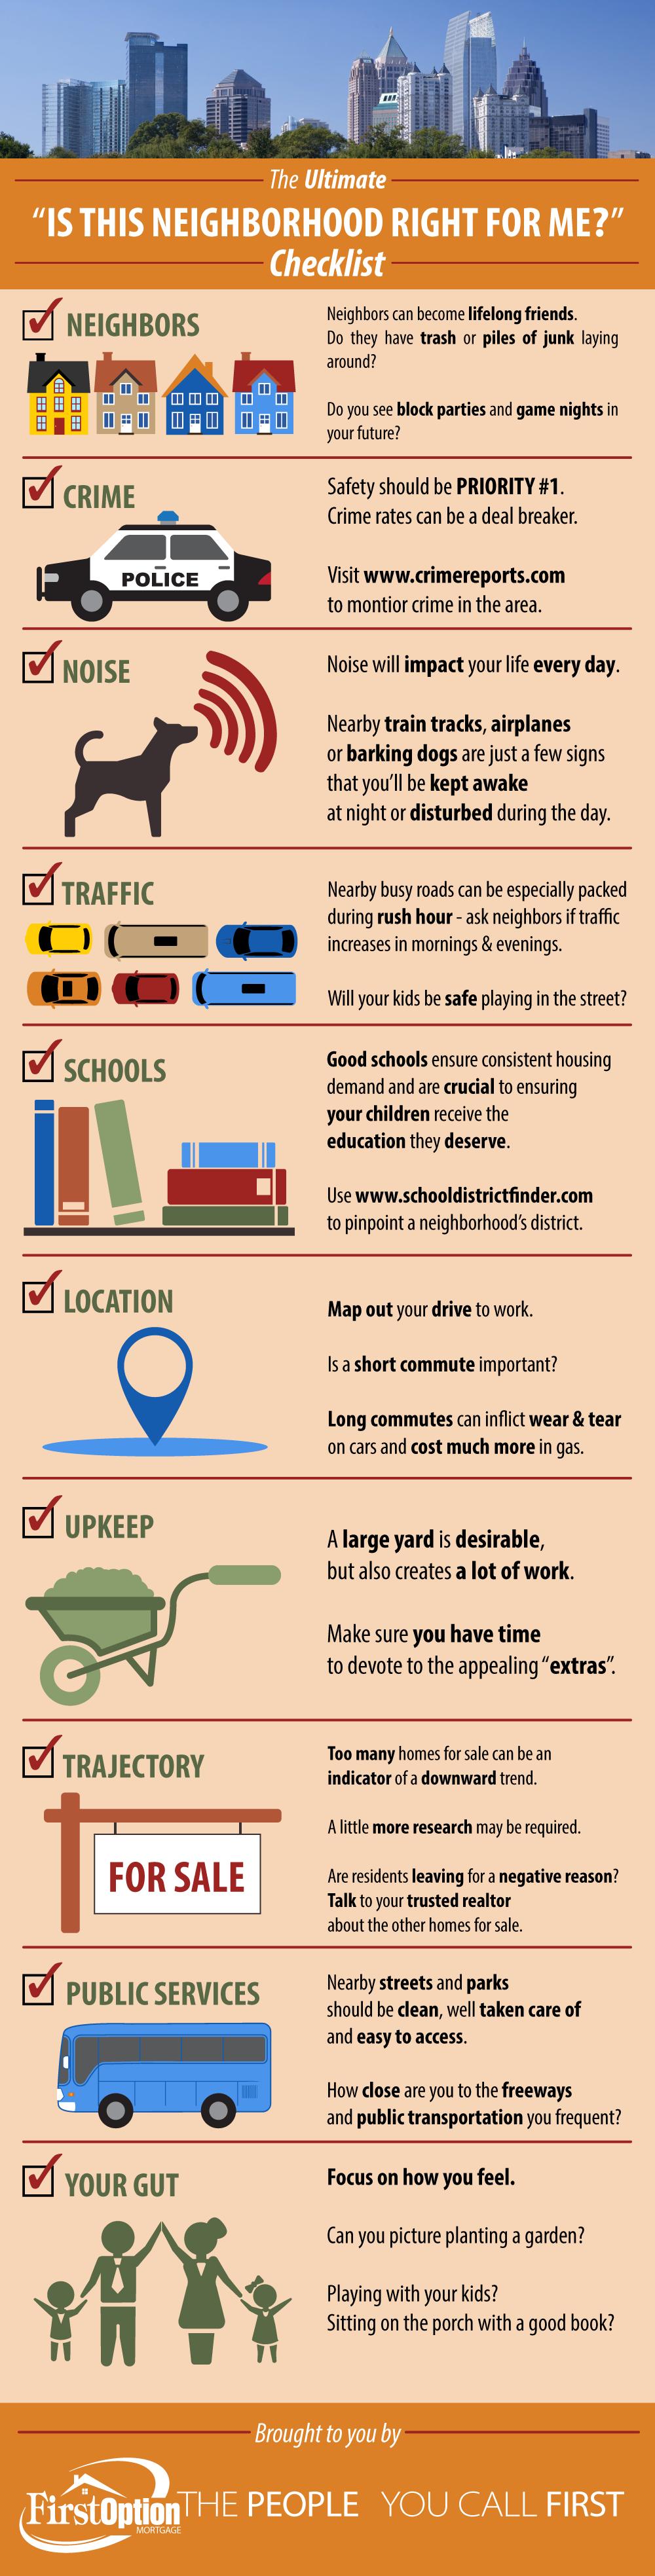 JuneInfographic_Checklist